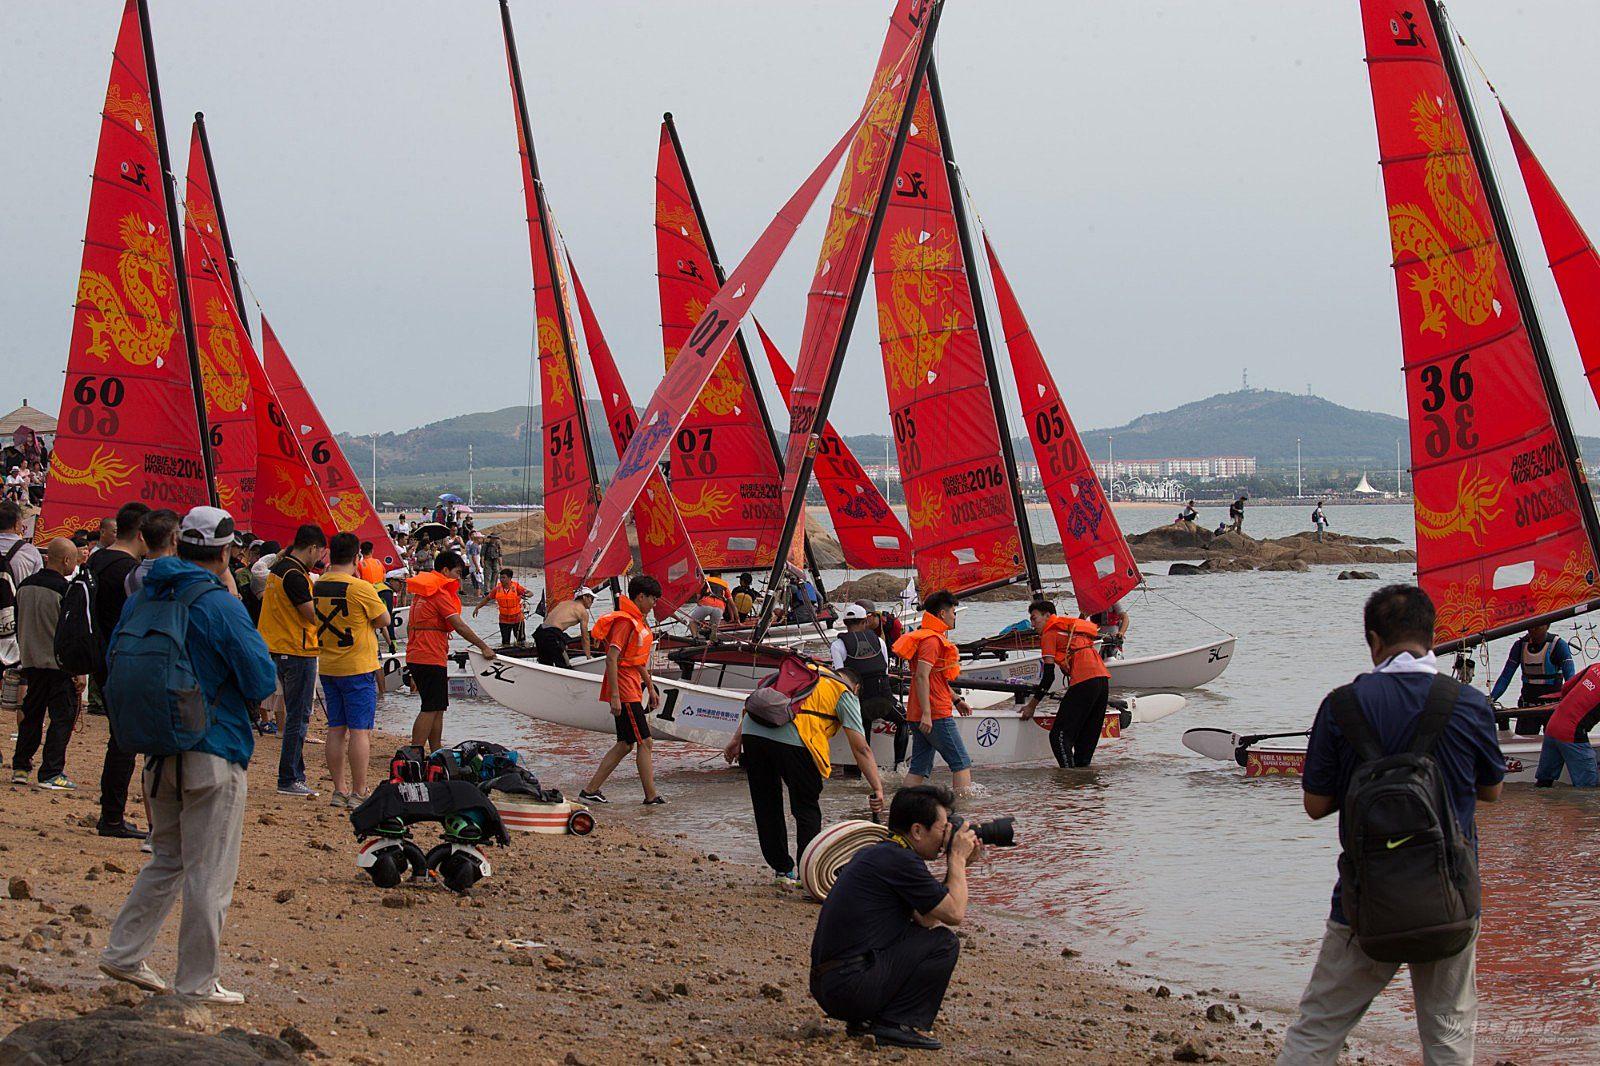 2018中国(锦州)HOBIE16帆船国际邀请赛之看图聊锦州